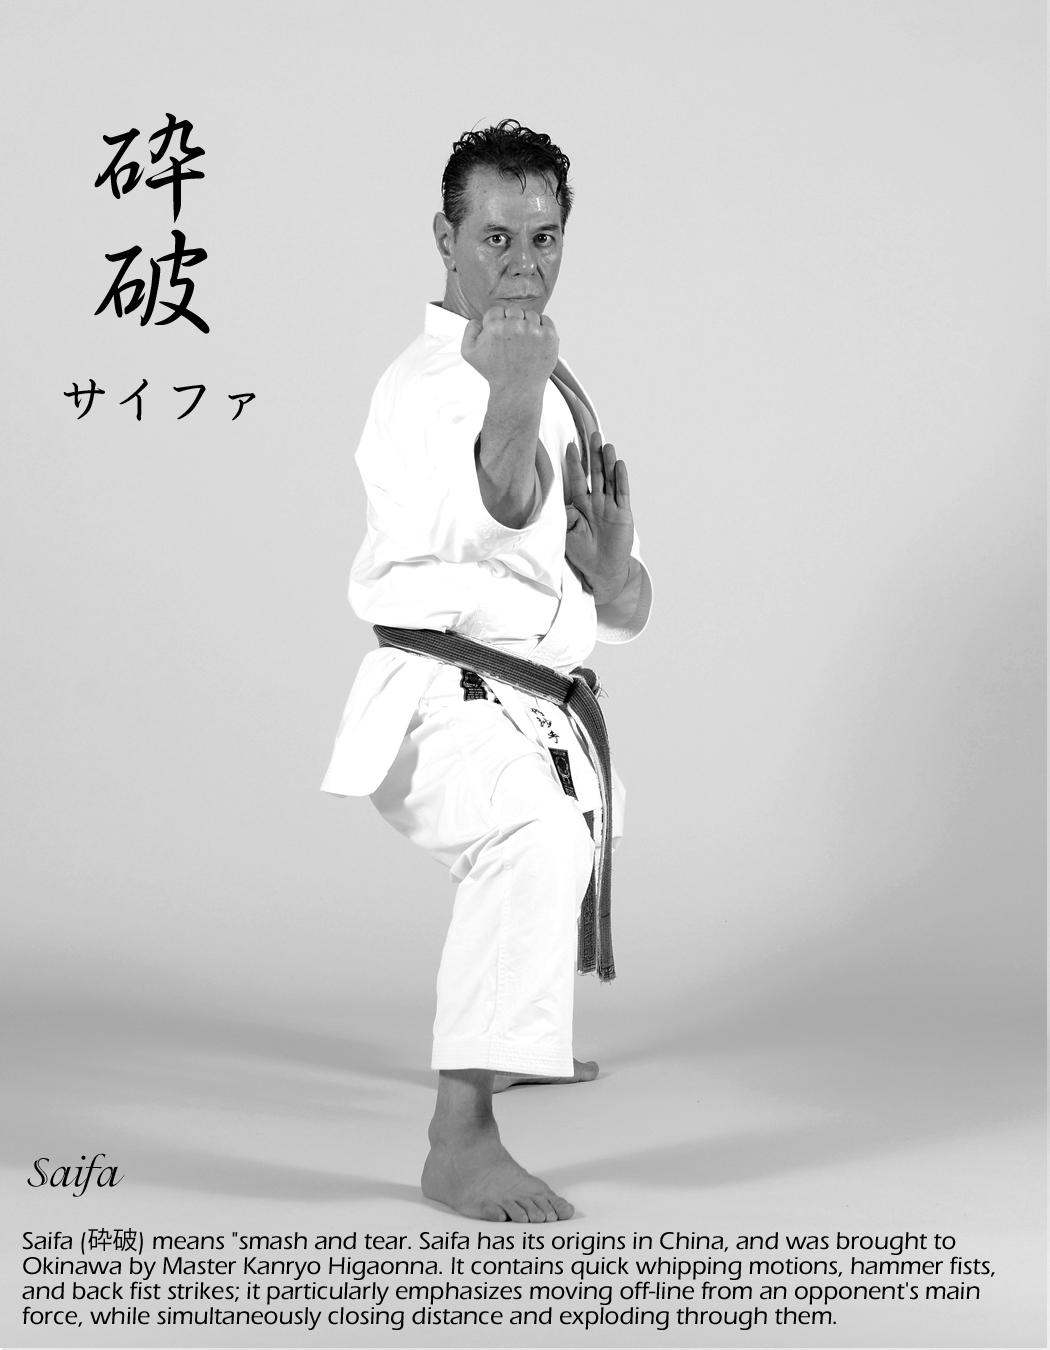 shitoryu-karate-kata-saifa-performing-by-tanzadeh-sensei